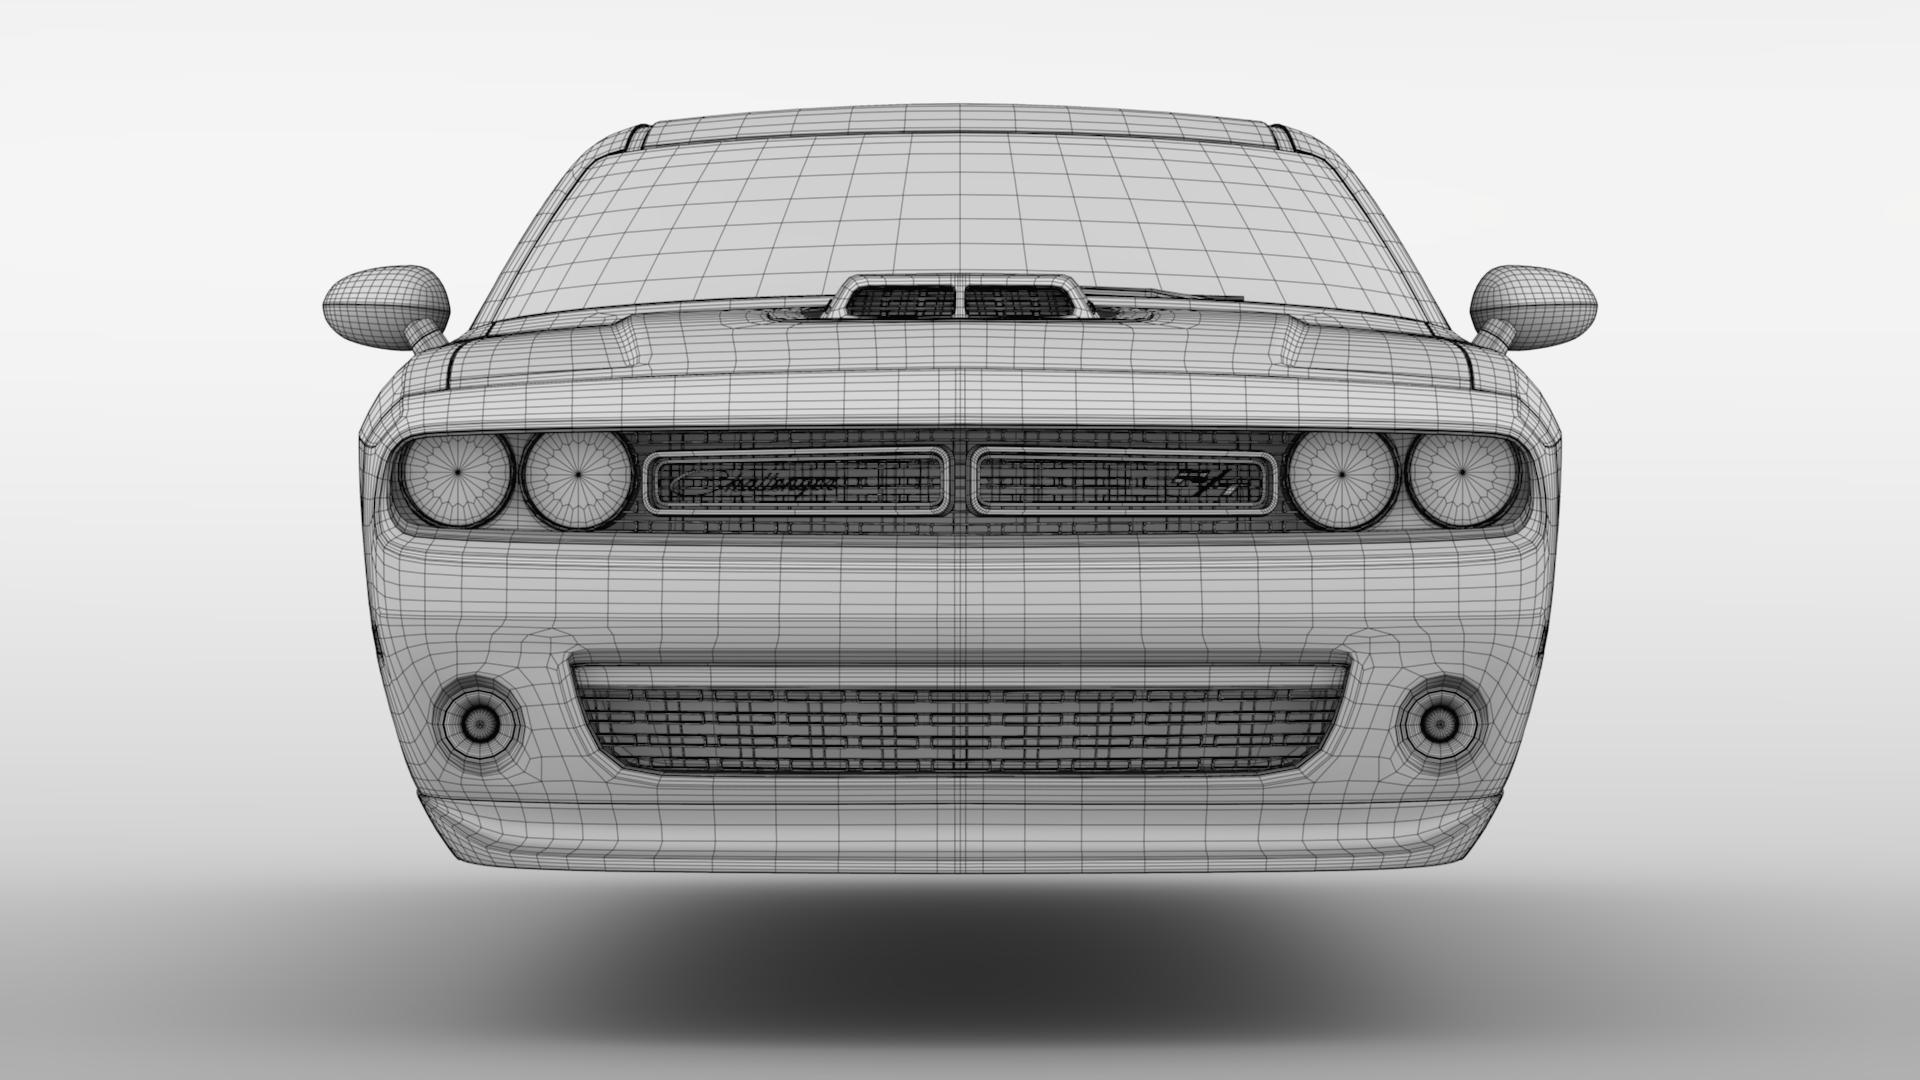 Dodge Challenger 392 shaker (lc) 2016 yn hedfan model 3d 3ds max fbx c4d ar gyfer yr hrc xsi obj 220616